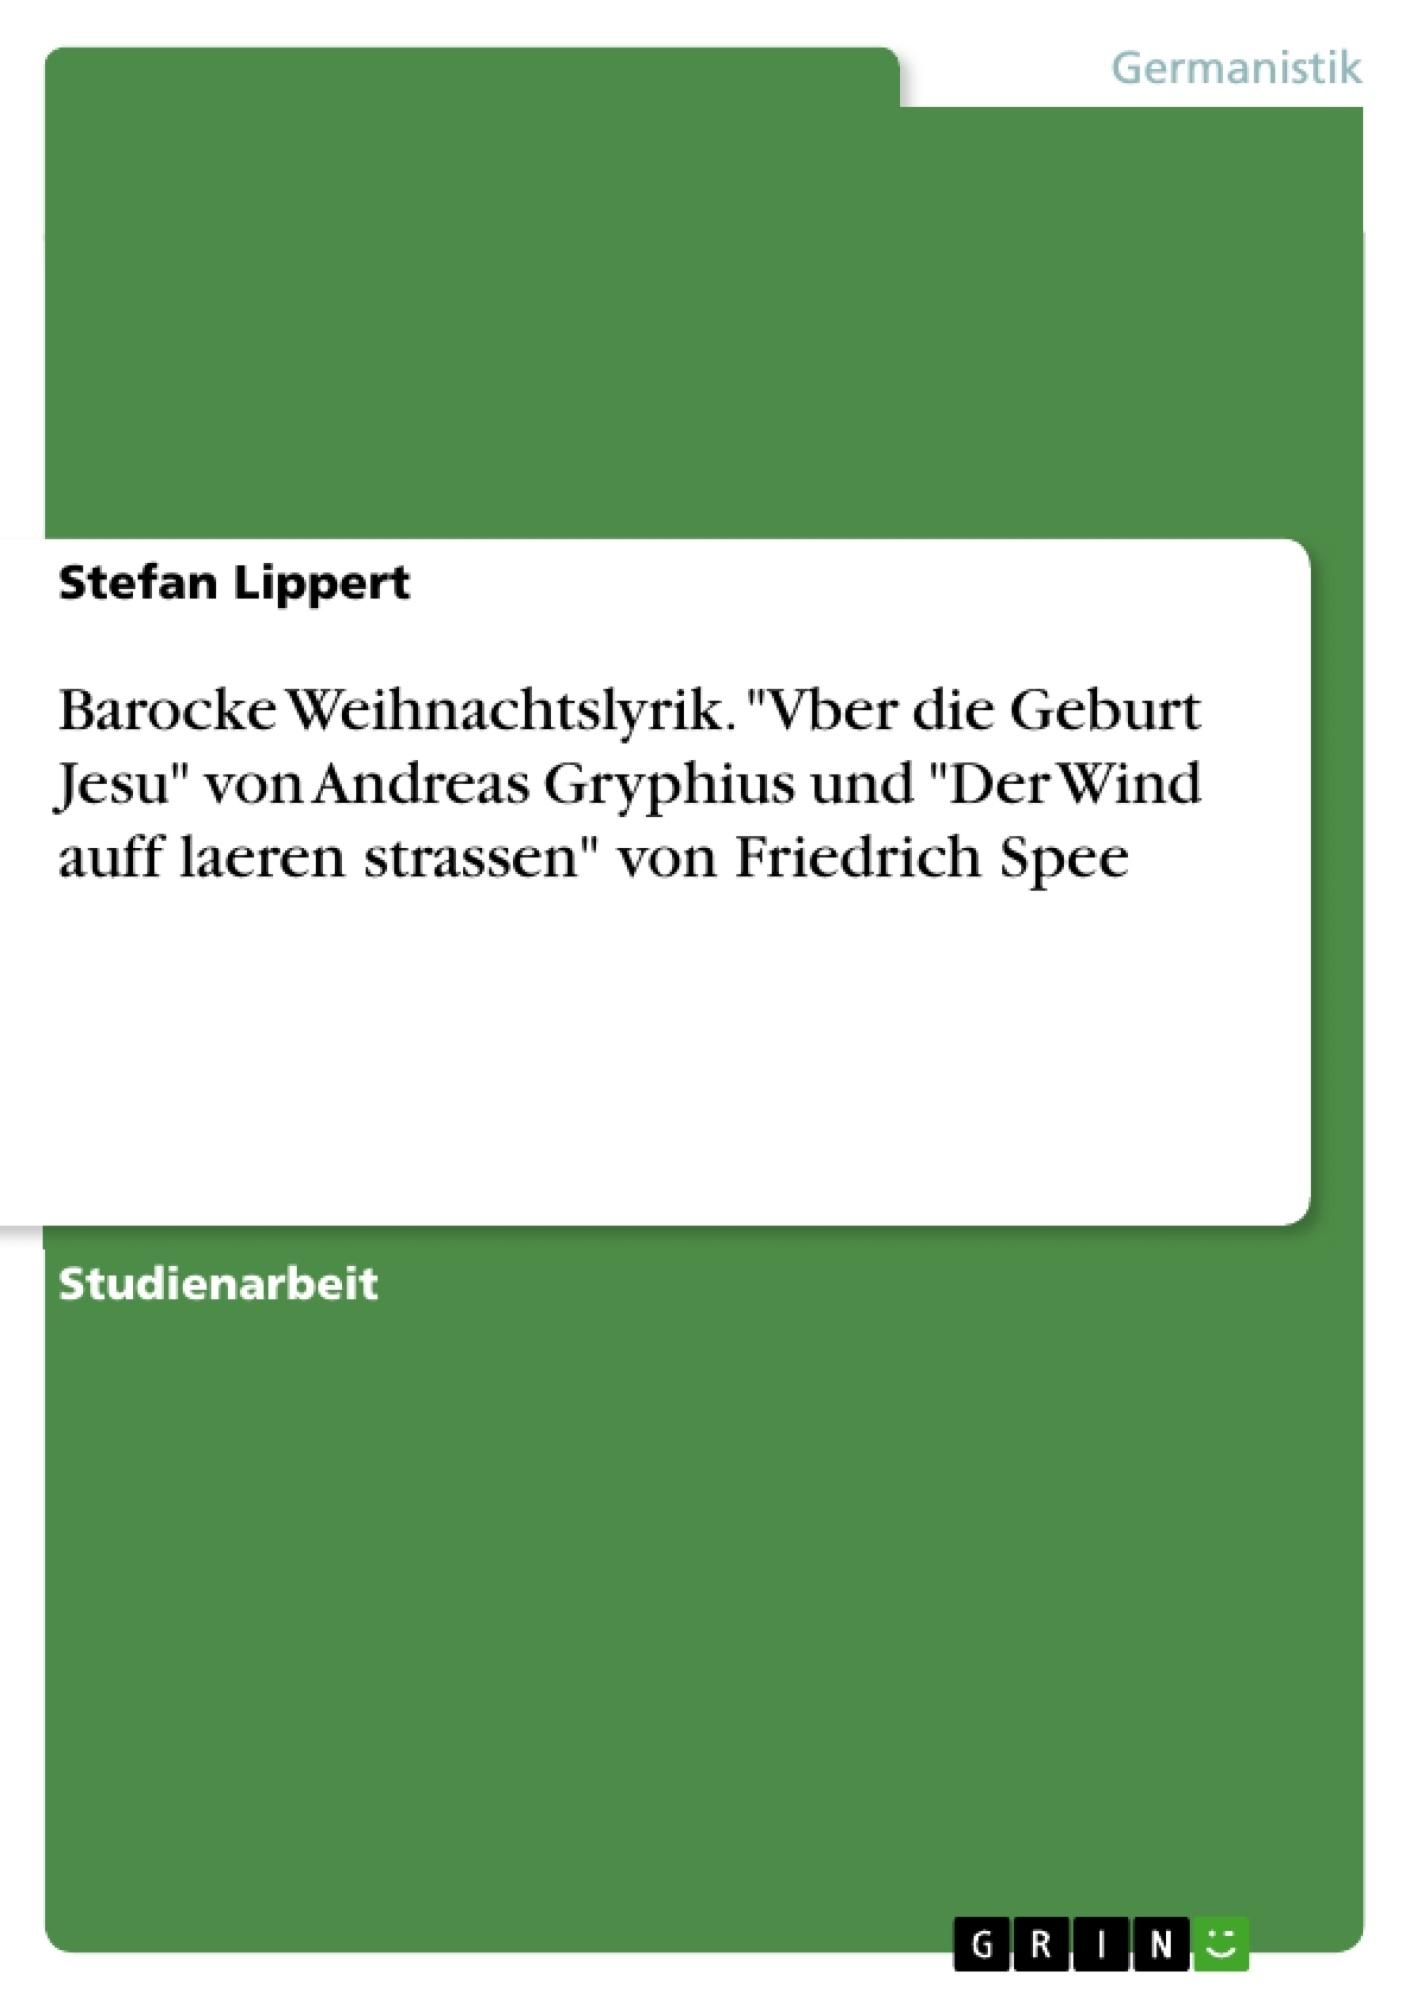 """Titel: Barocke Weihnachtslyrik. """"Vber die Geburt Jesu"""" von Andreas Gryphius und """"Der Wind auff laeren strassen"""" von Friedrich Spee"""